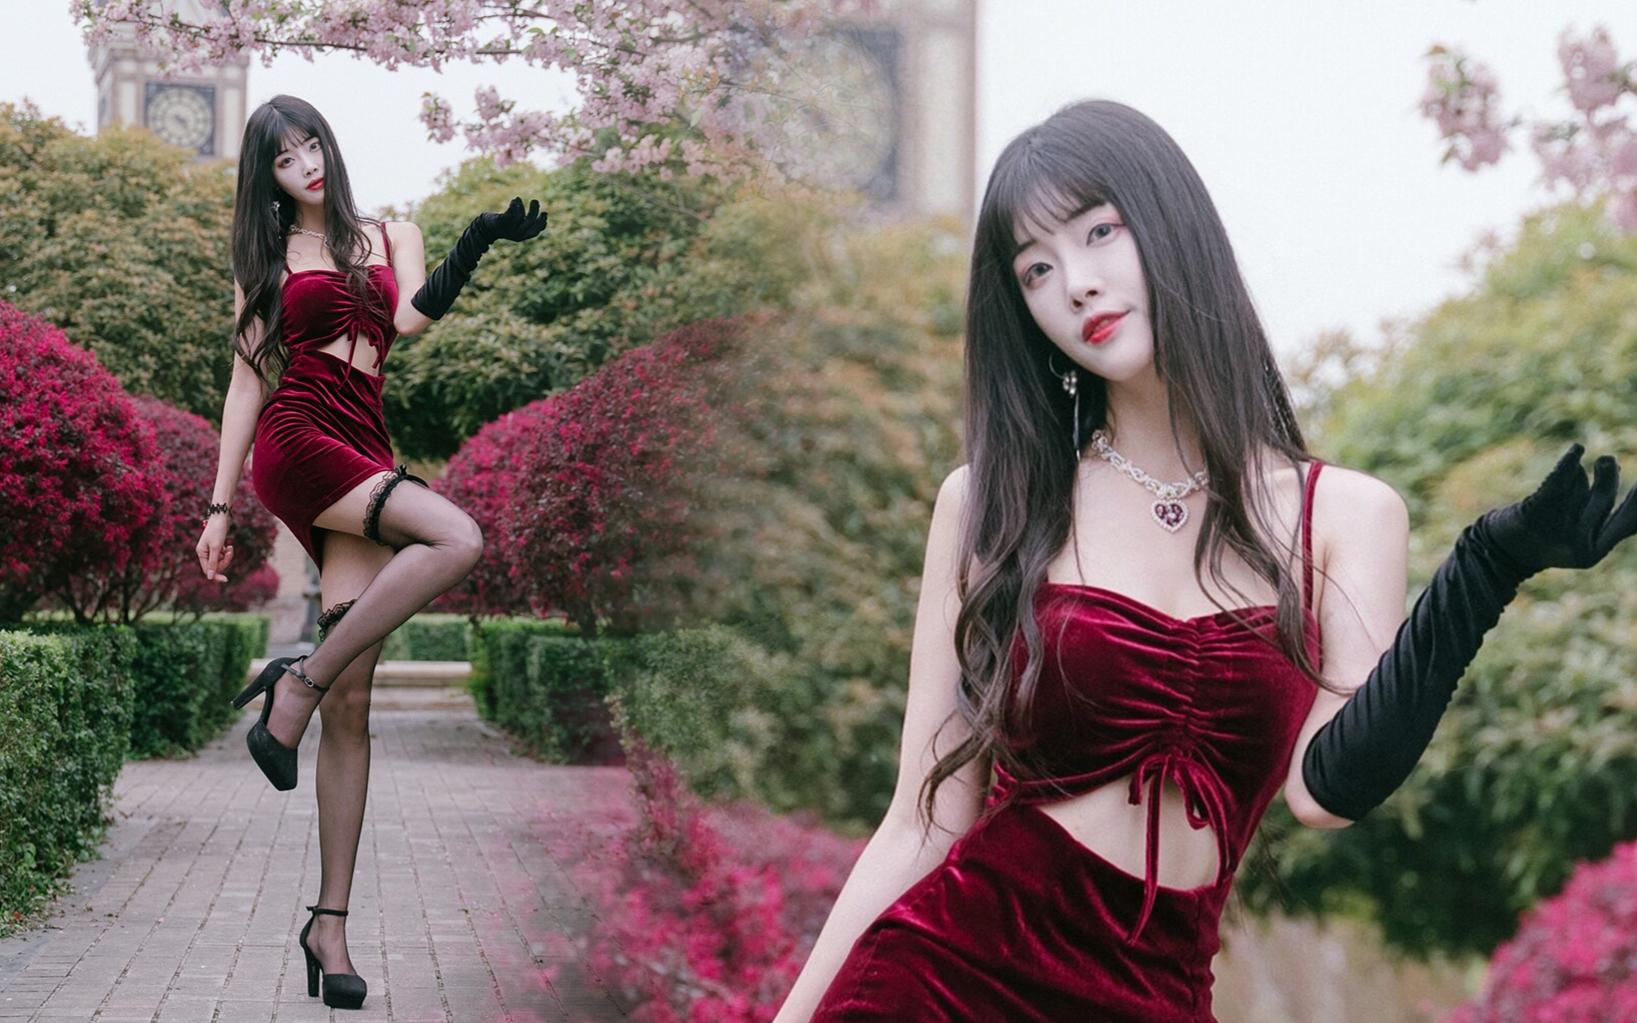 【独家♛未南】❀La Vie en Rose❀玫瑰人生 沉沦与绽放❀